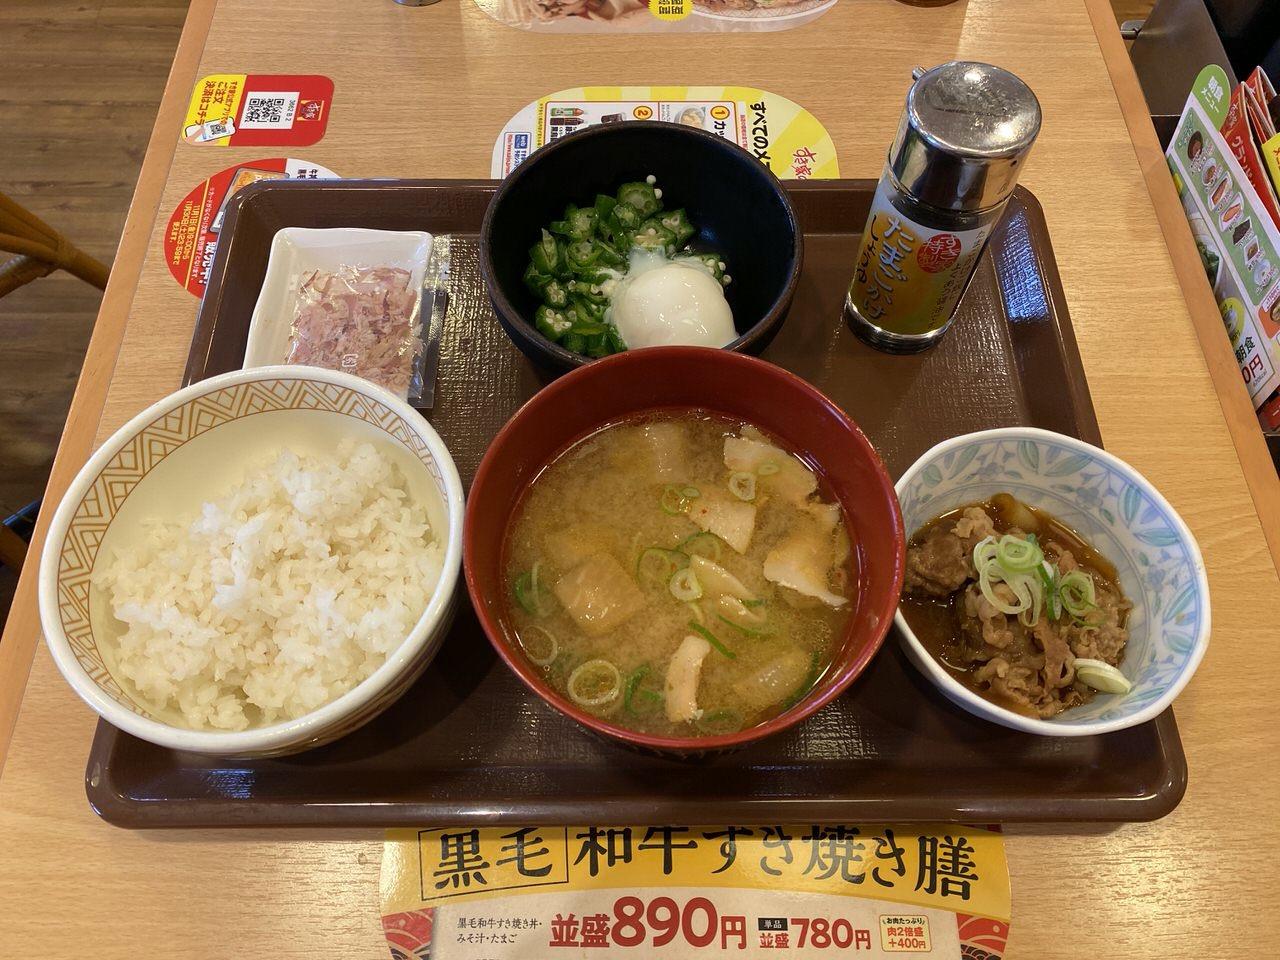 すき家の朝食で味噌汁を豚汁に変更 2